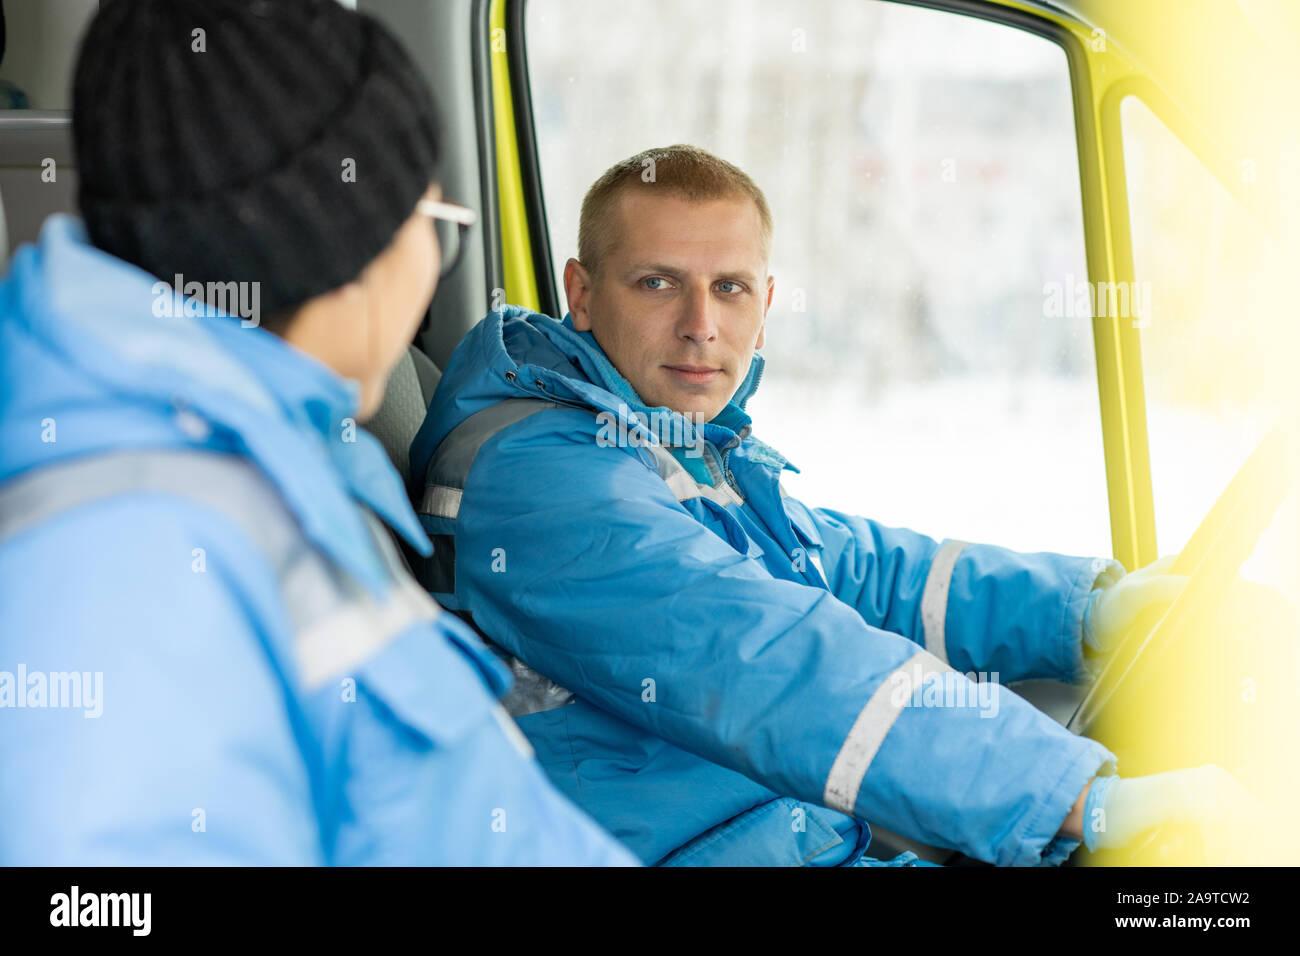 Jeune conducteur d'ambulance à parler aux femmes et la direction du Service paramédic Banque D'Images